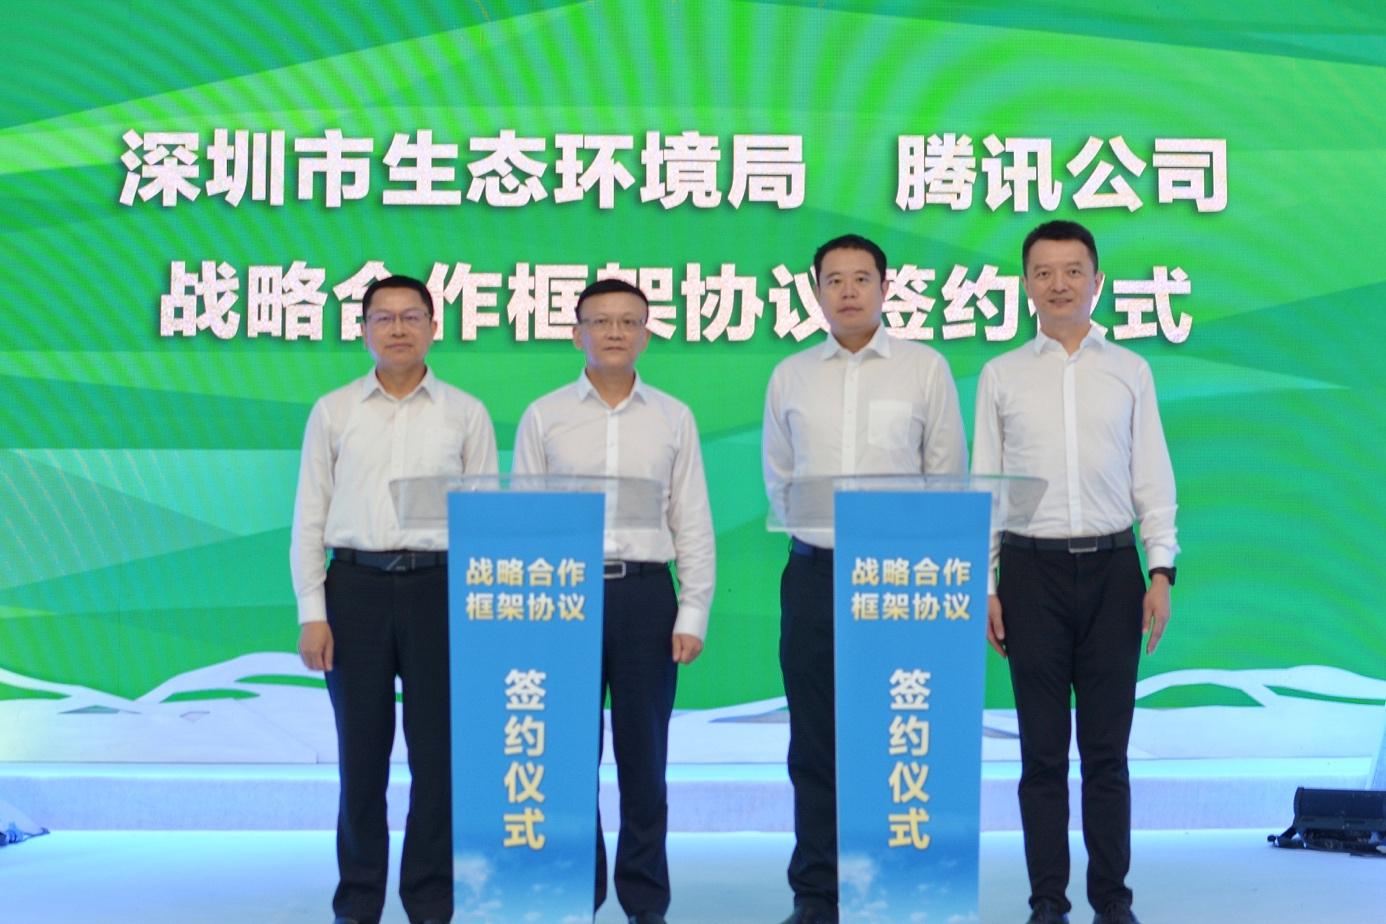 深圳与腾讯签署战略合作协议,共探数字化技术和互联网创新能力